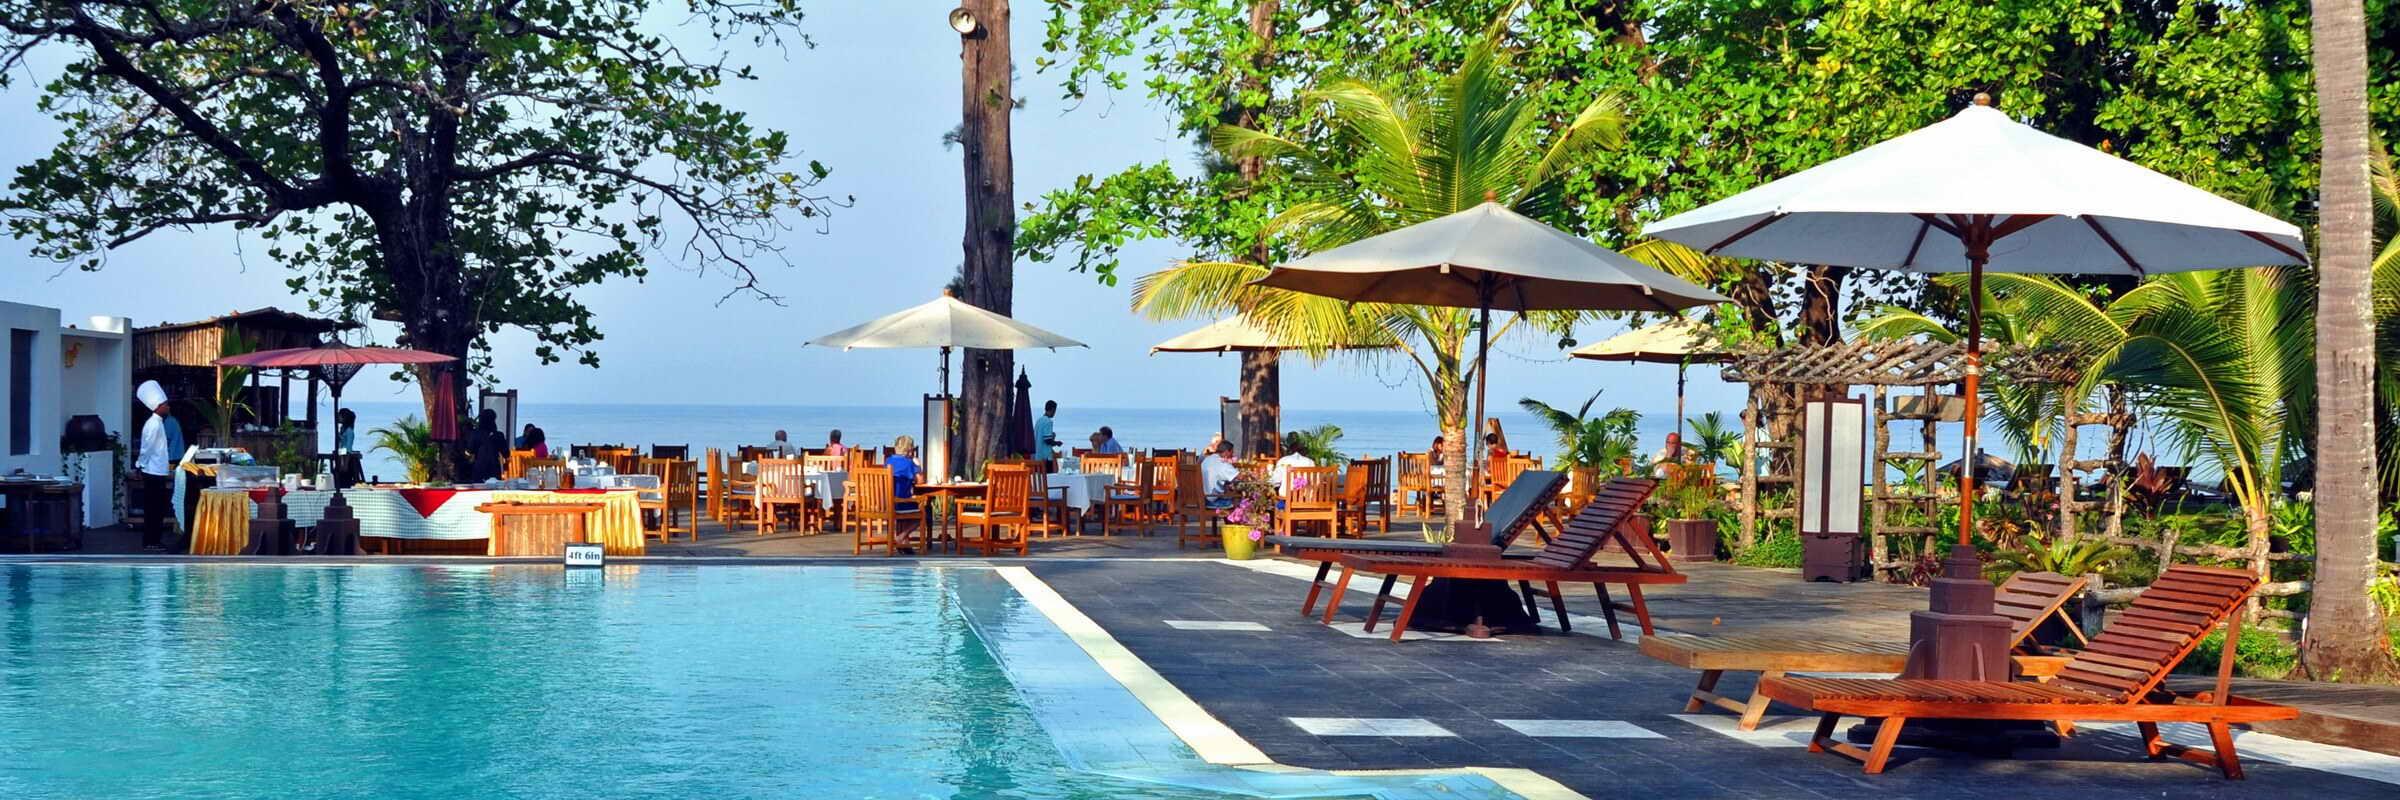 Ein großer Swimmingpool sorgt für Erfrischung im Thande Beach Hotel und lädt zum Sonnenbaden und Relaxen ein.